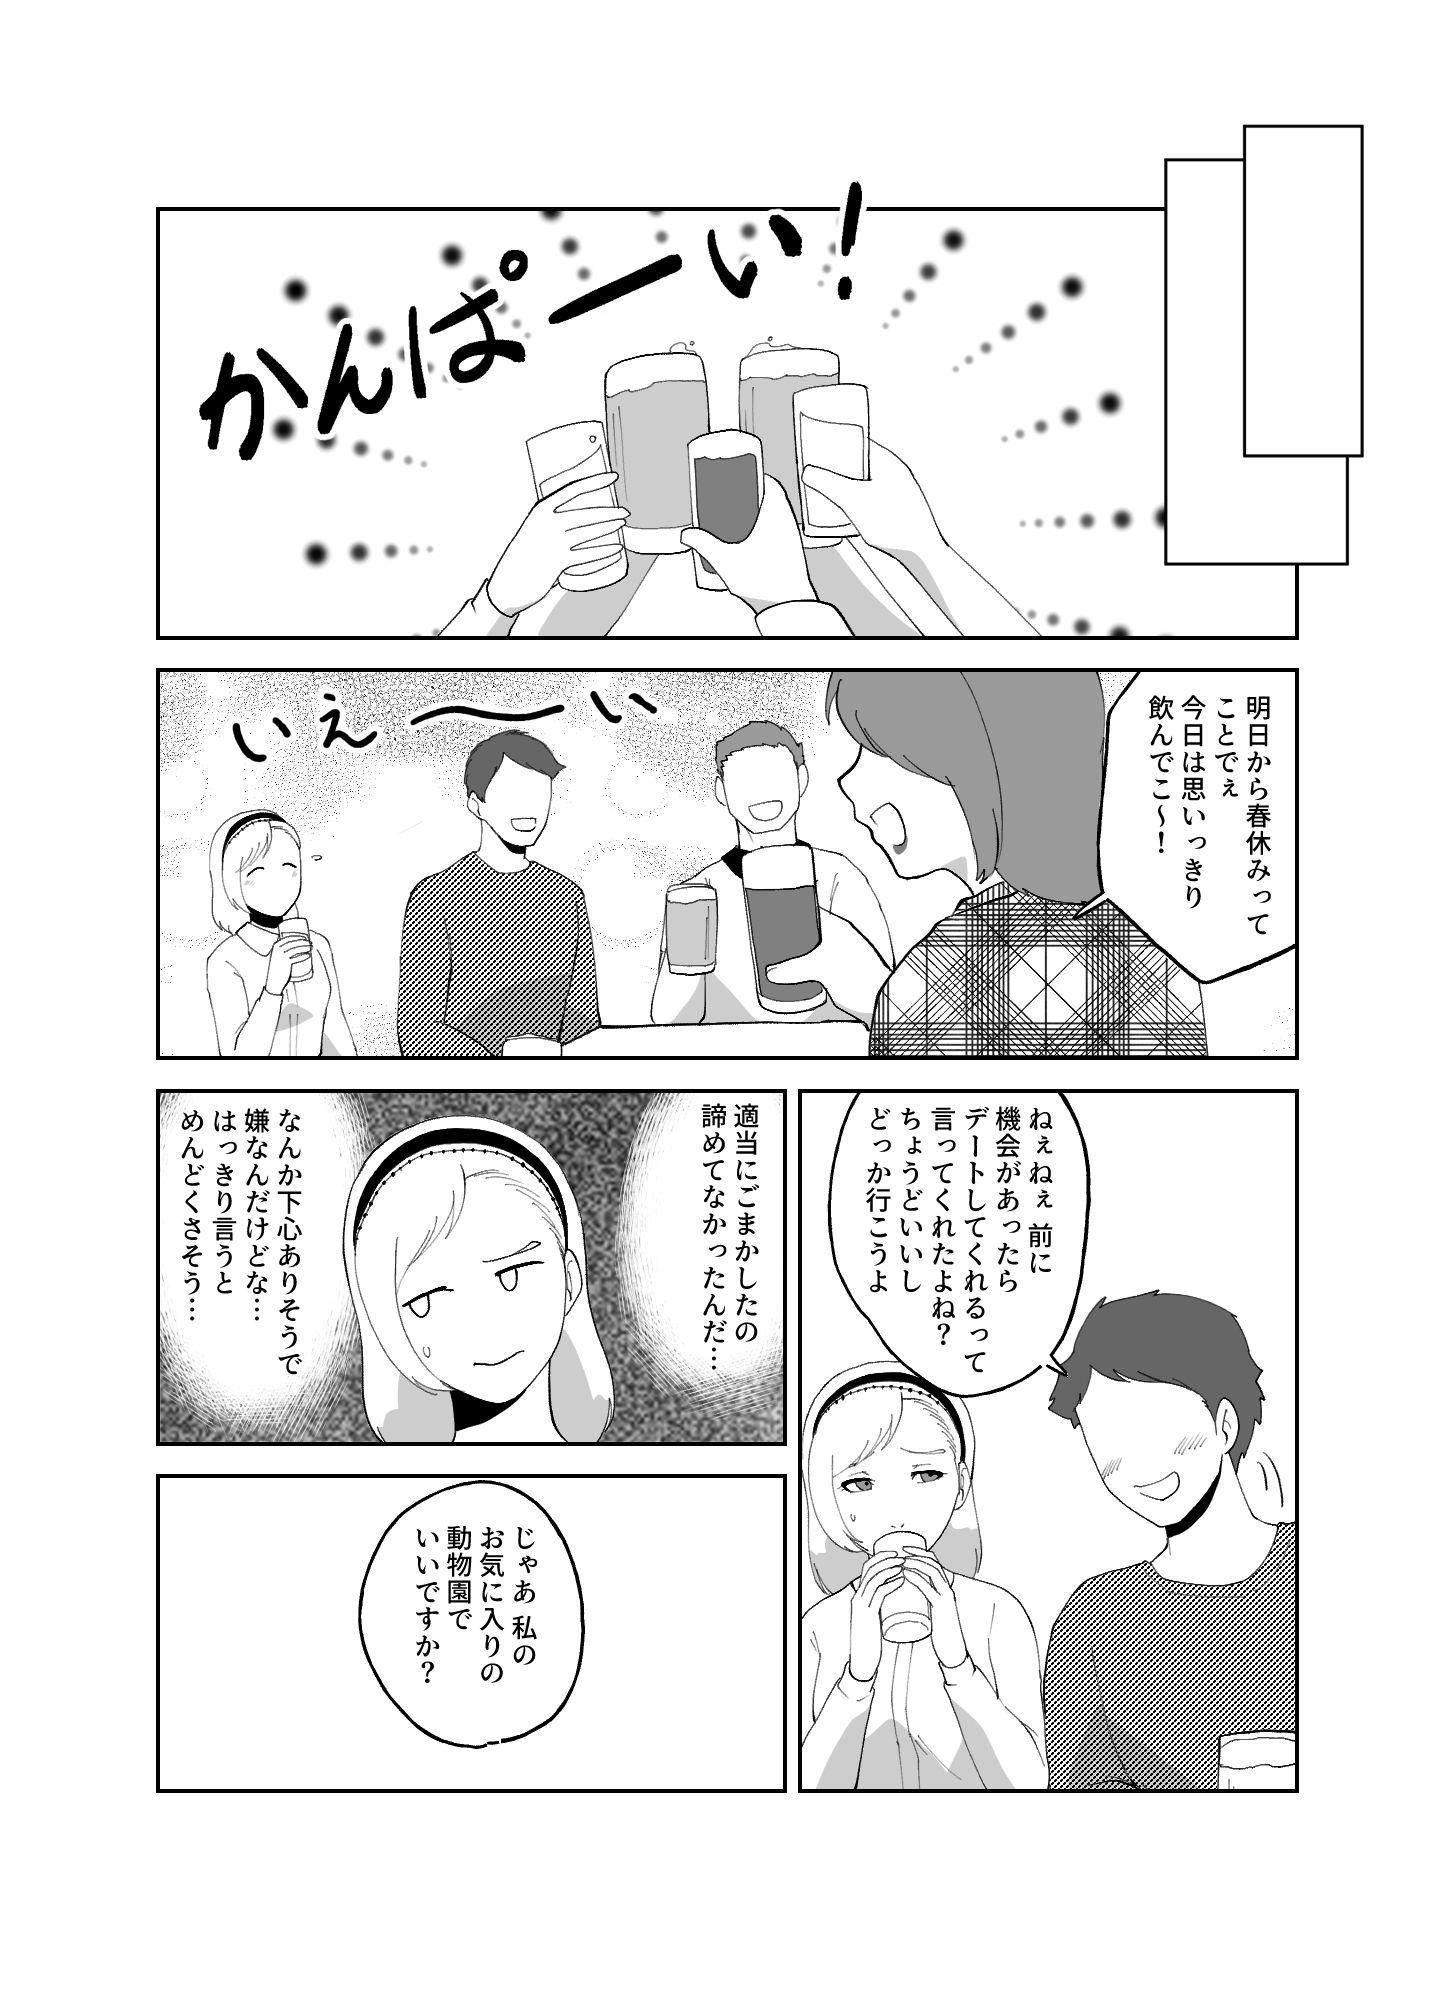 番い婚〜鰐に寝取られました(?)〜